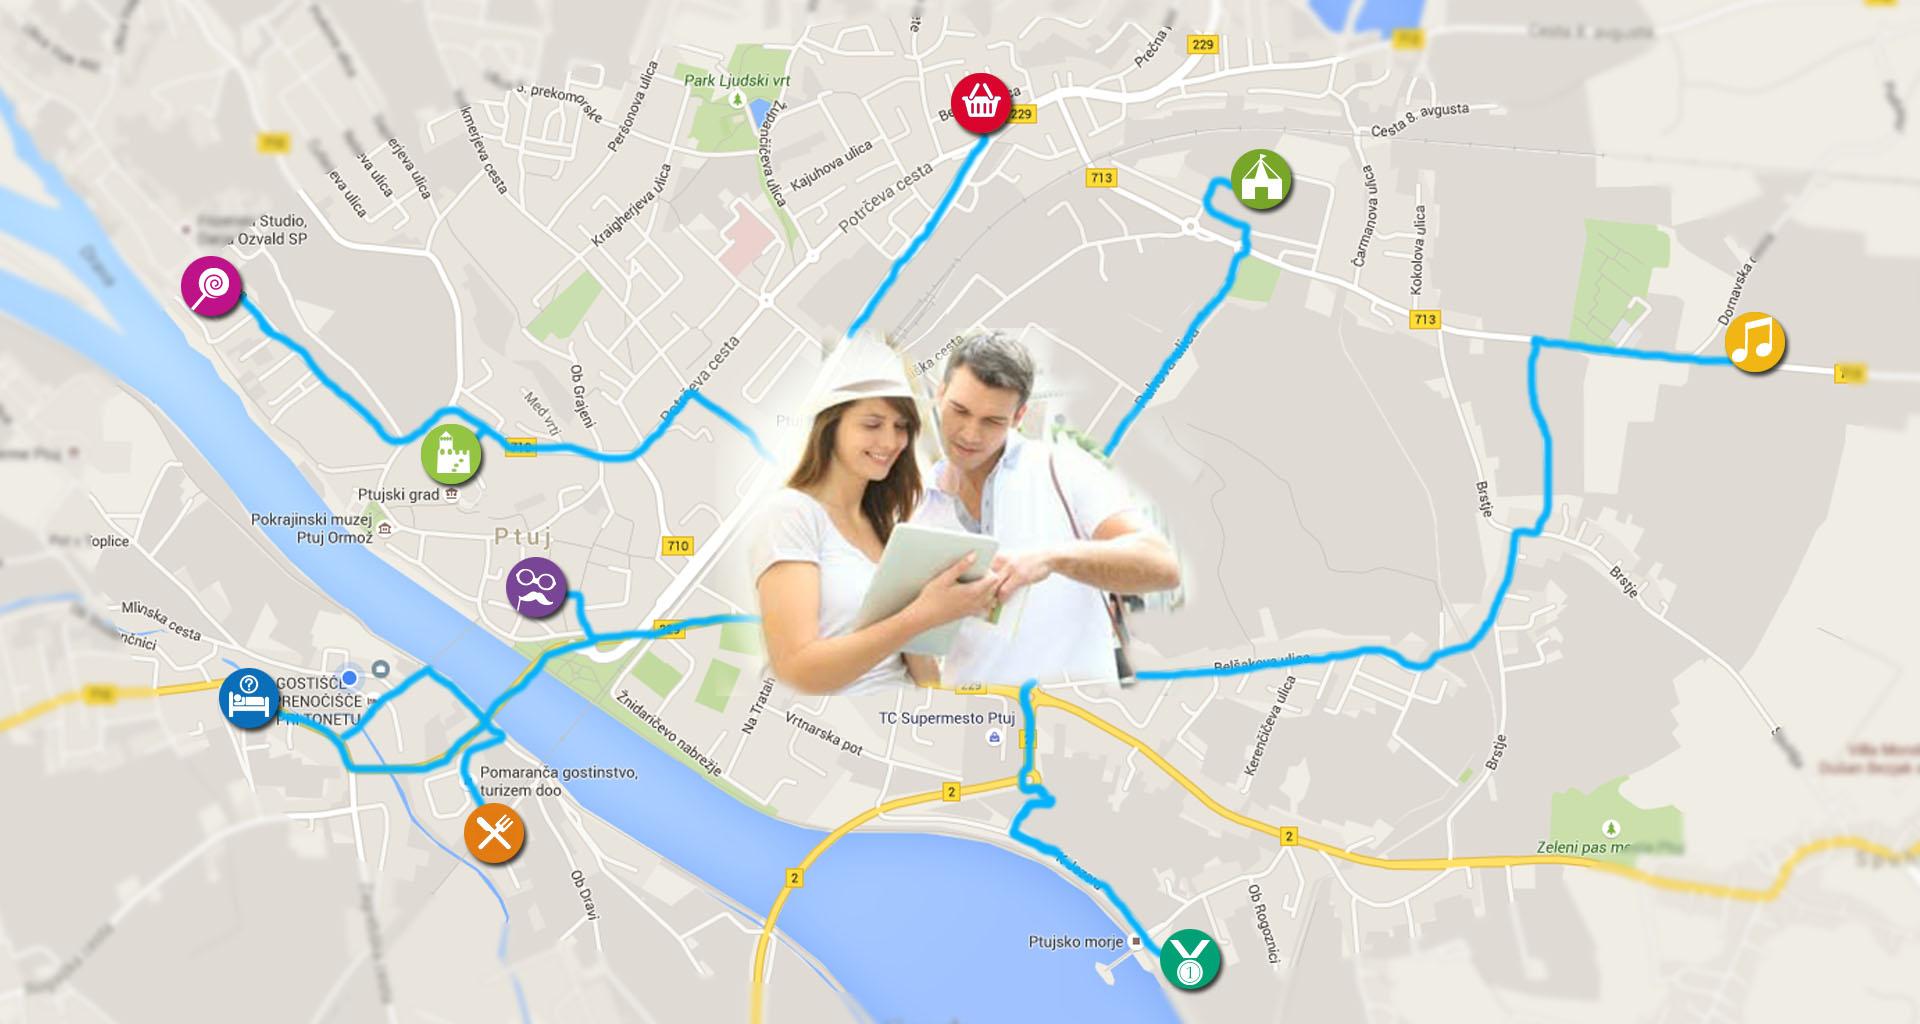 Prikaz dogodkov glede na vašo lokacijo